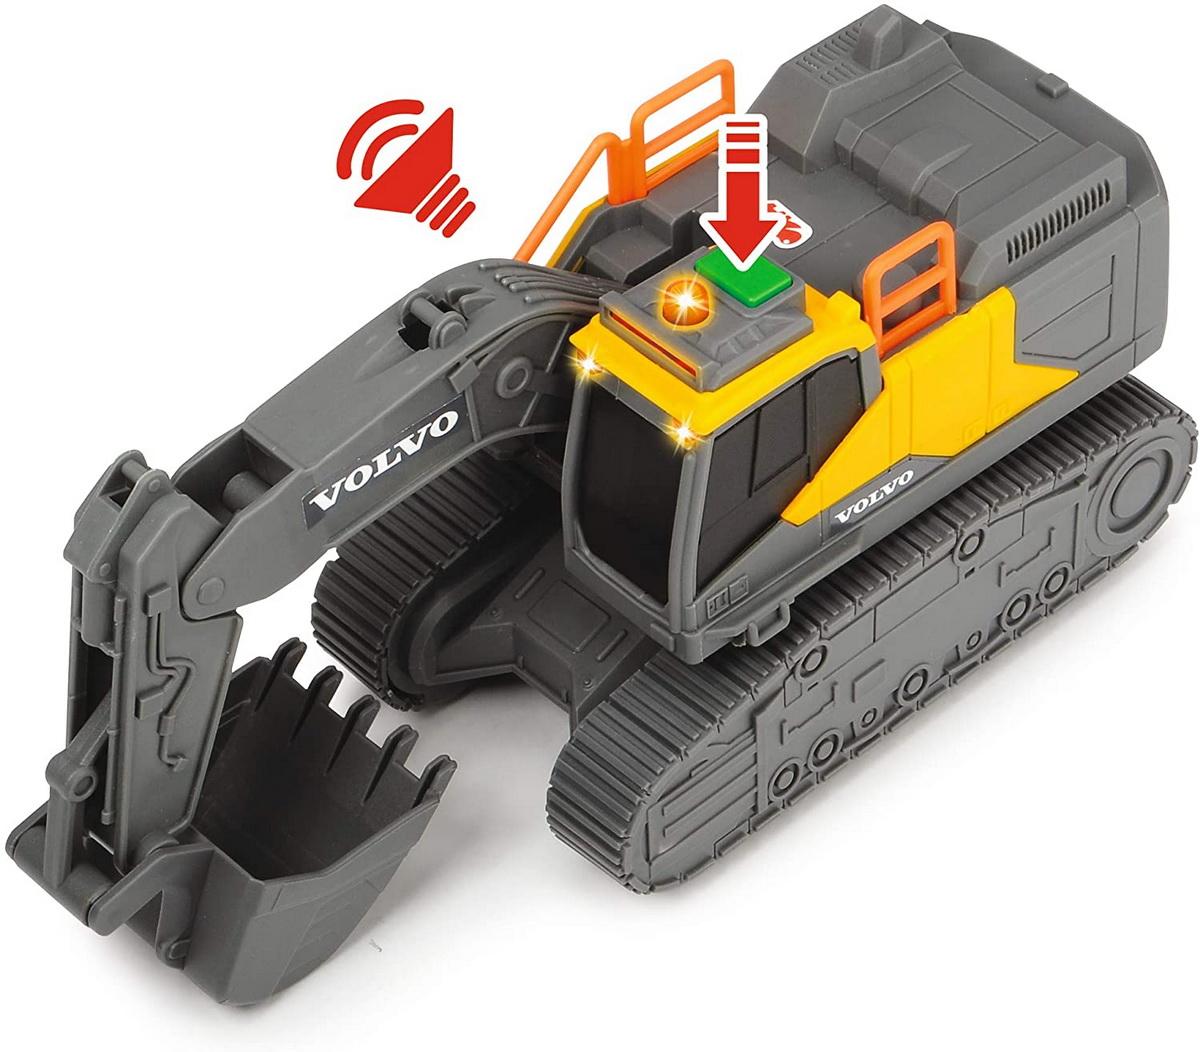 Jucarie - Volvo Excavator cu senile / Tracked Excavator | Dickie Toys - 4